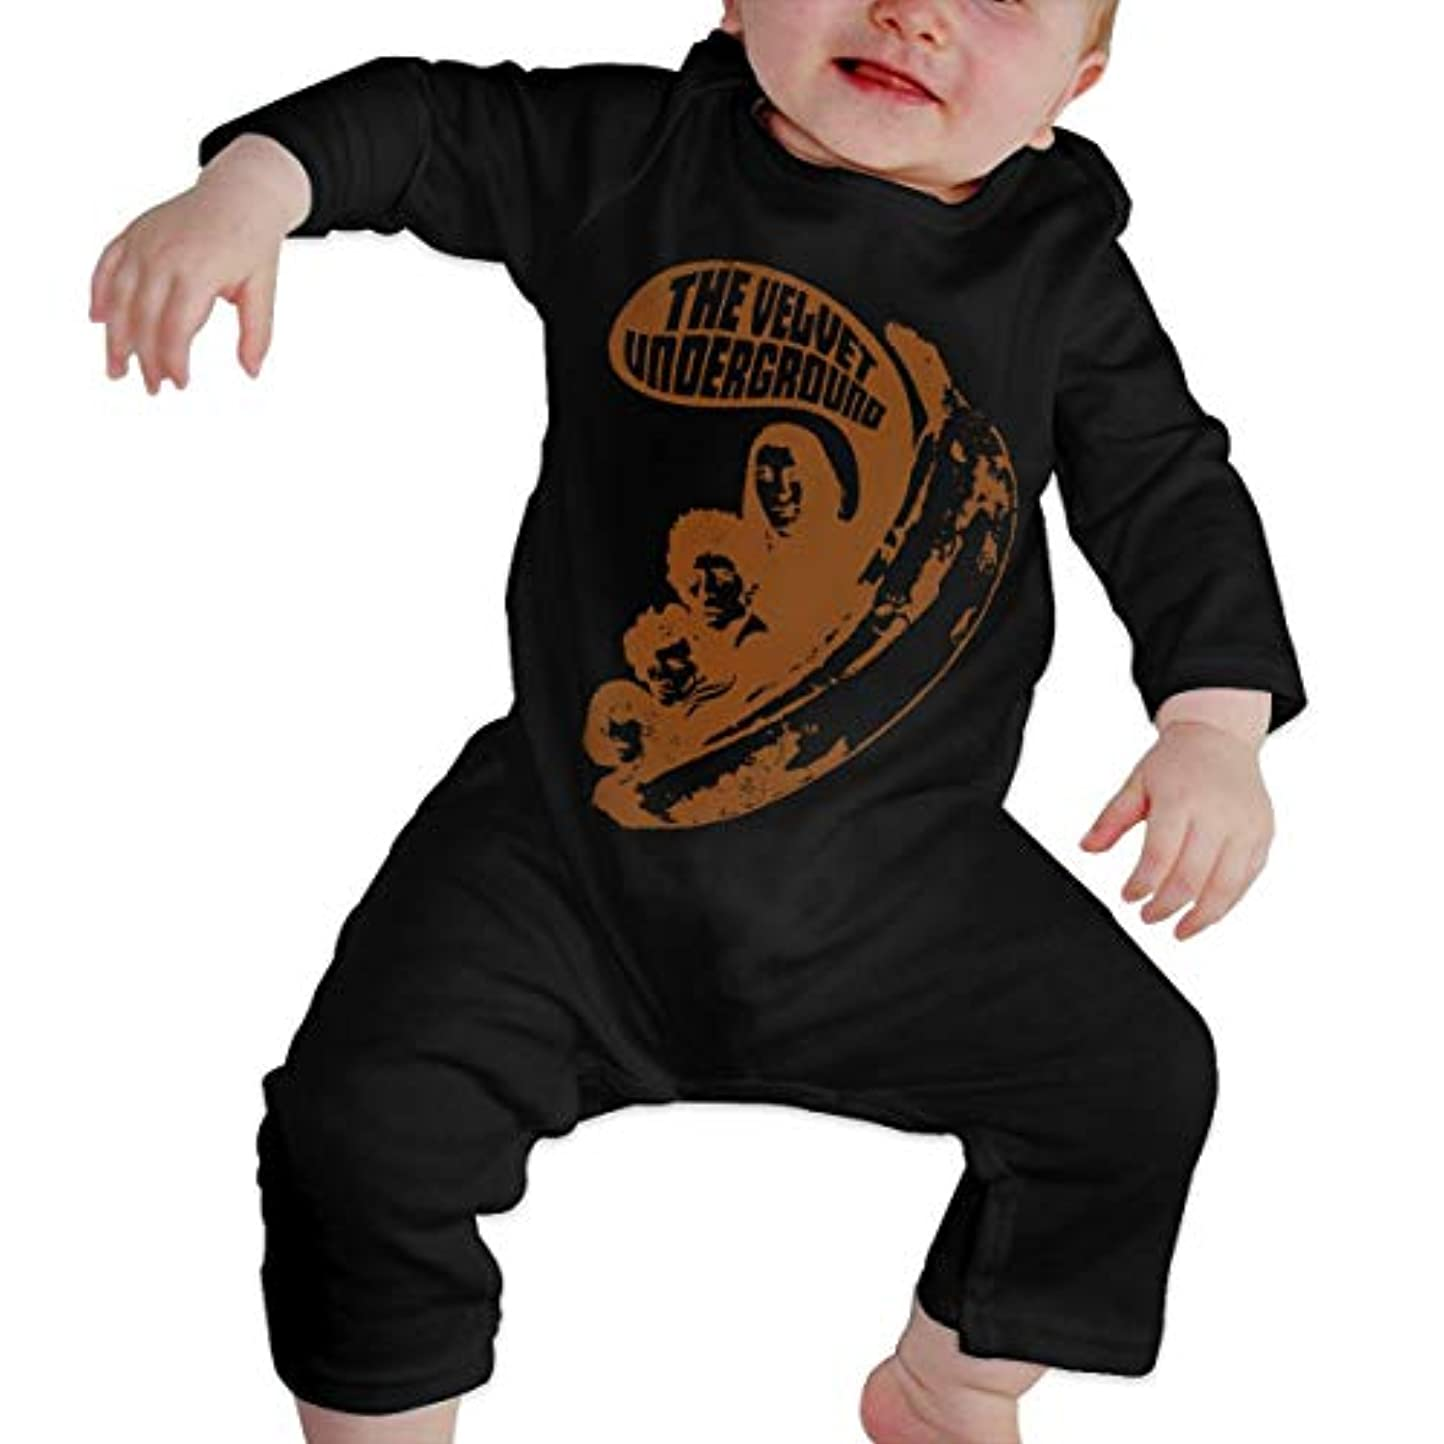 地下鉄世代幸運Baby's、Kid's、Infant Utility、Cotton ジャンプスーツ、ロンパース、衣類、ボディスーツユニセックスベビークローラーブラック 2T